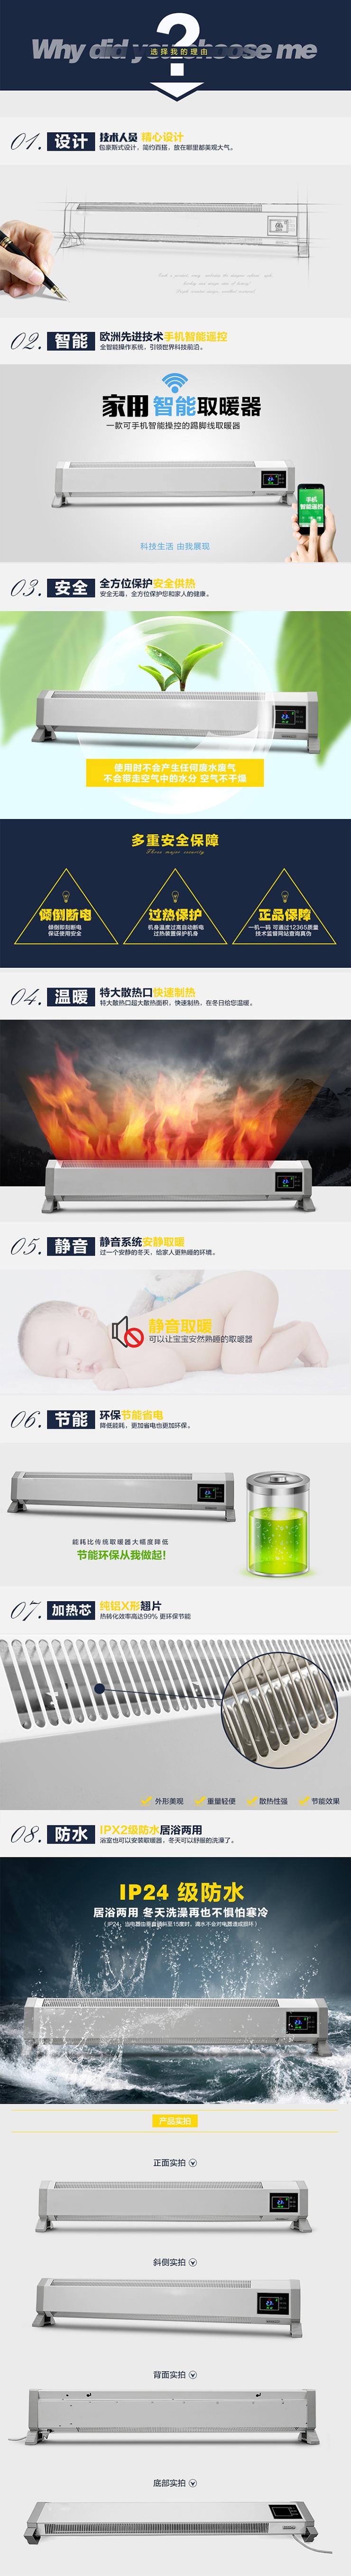 普lang克电暖器